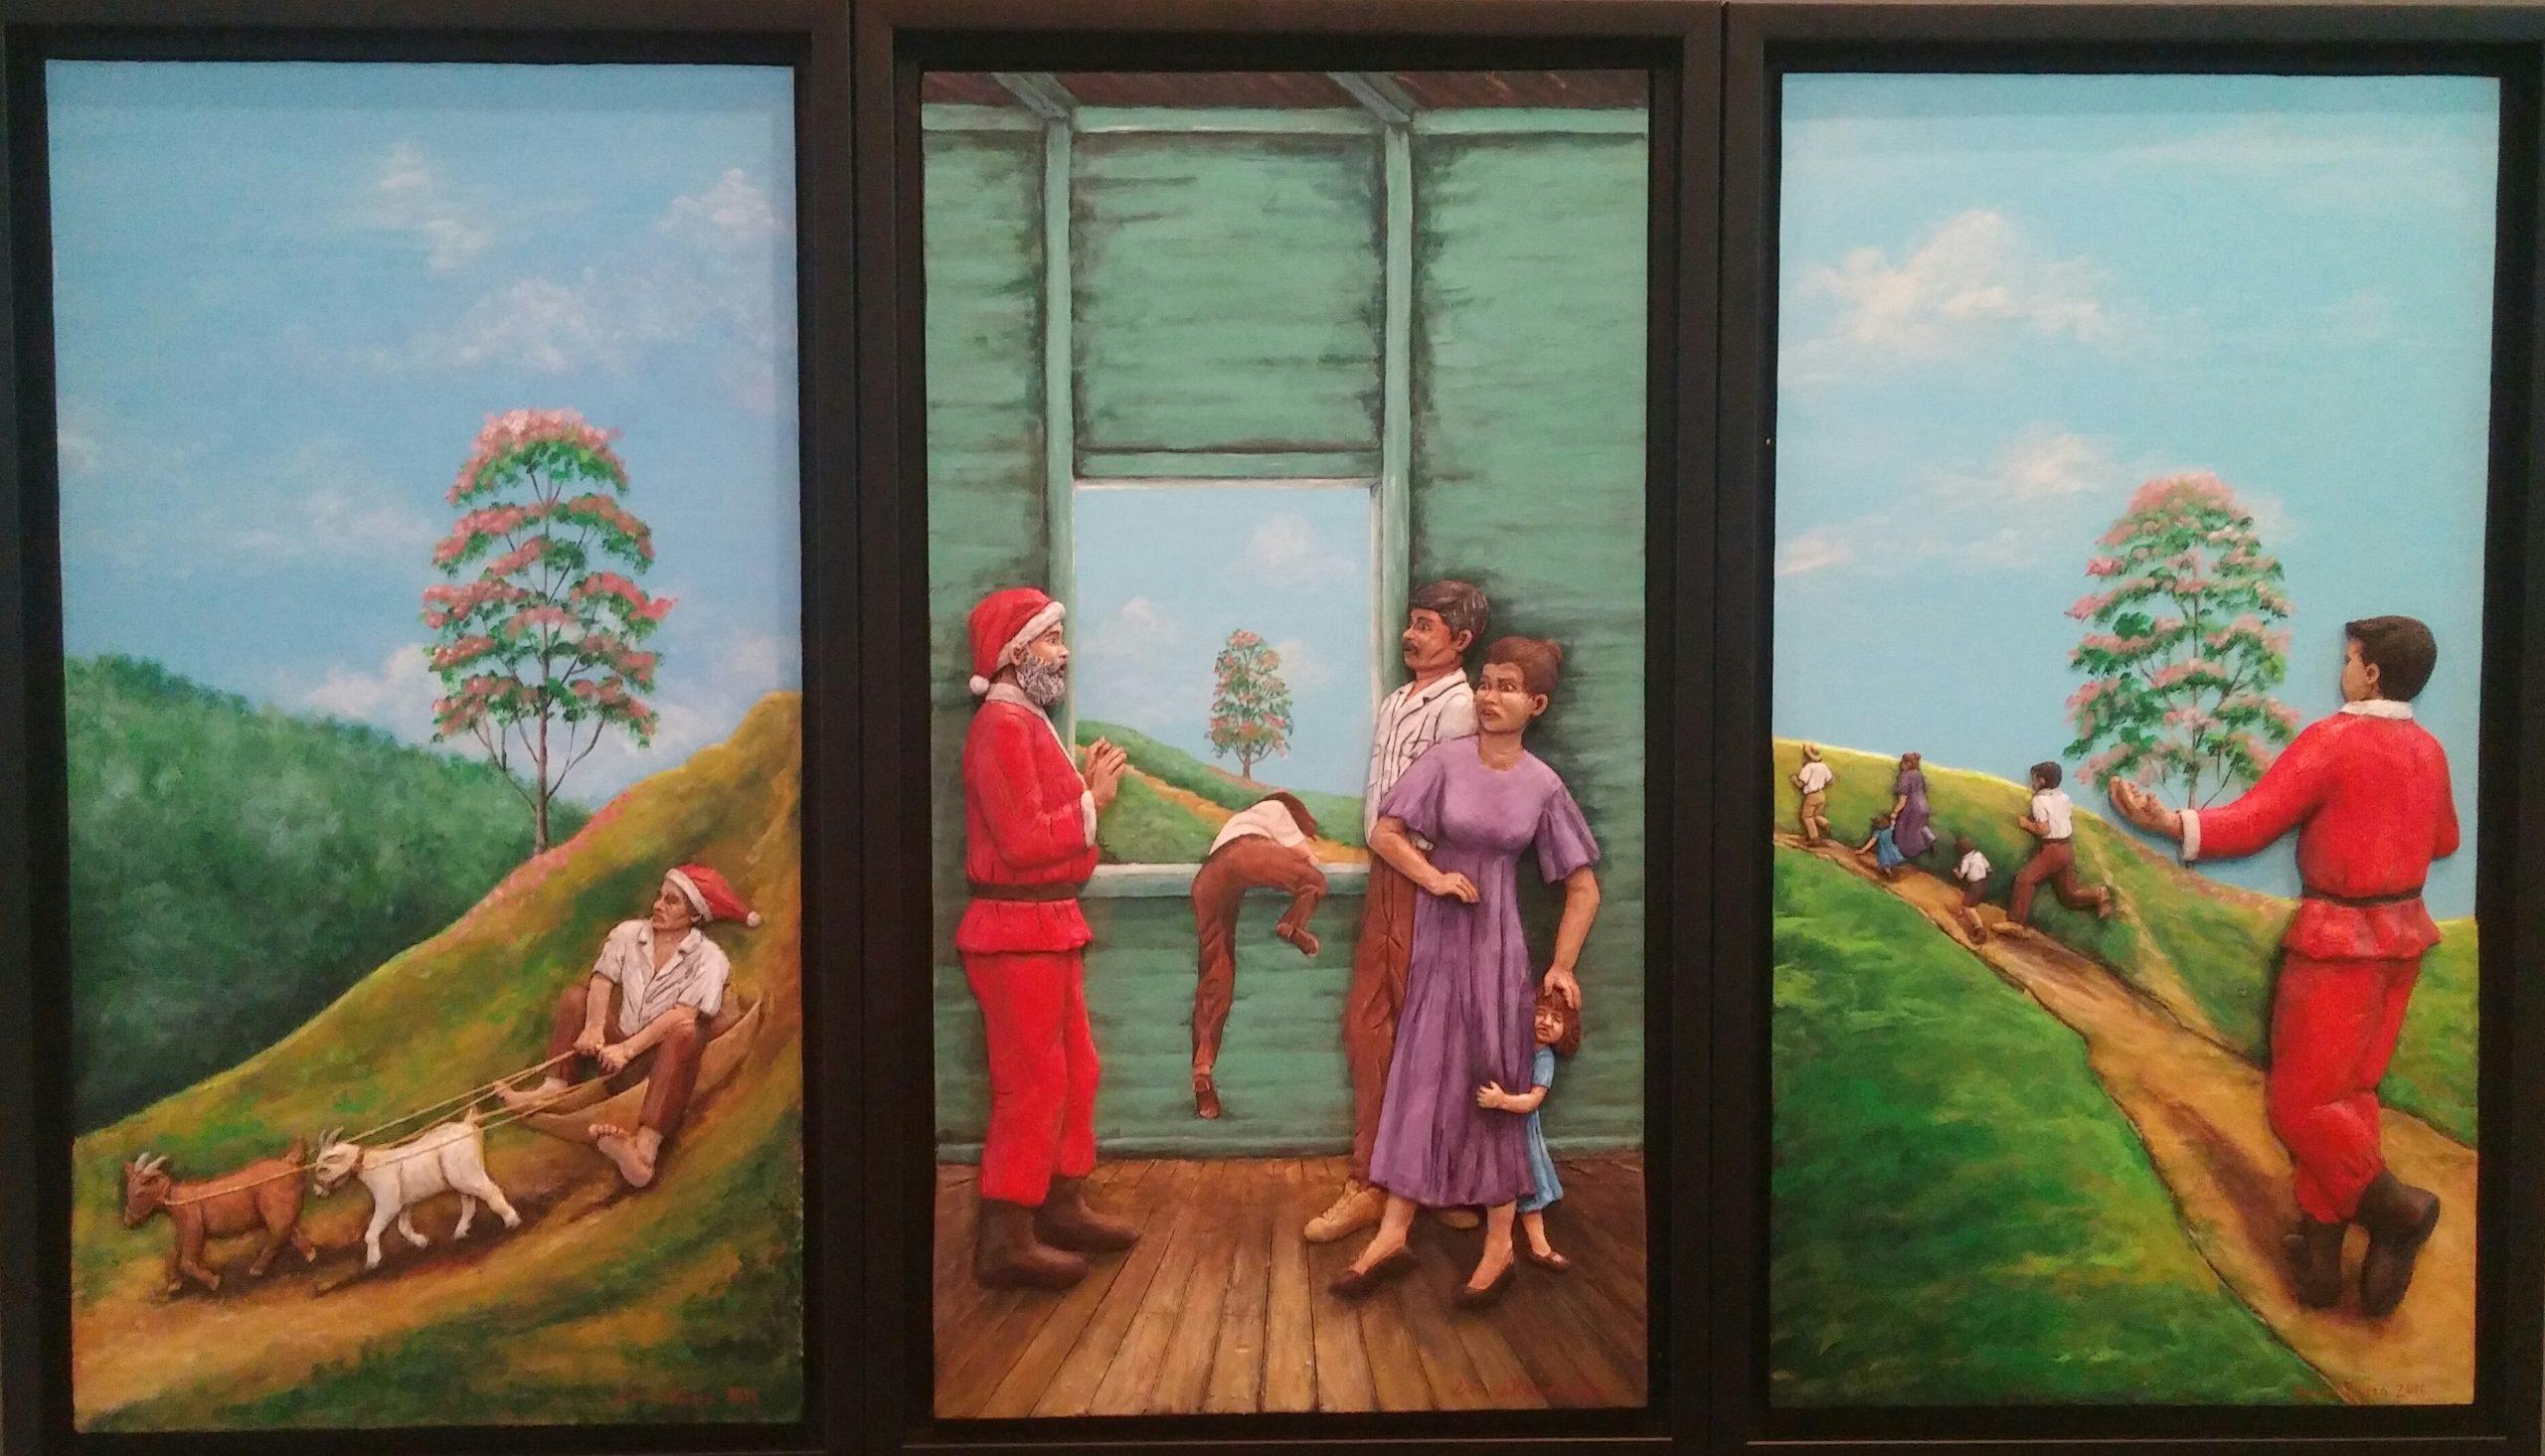 Santa Clo va a la cuchilla, medio mixto de Denise Rivera, es parte de la exposición que celebra el centenario de Abelardo Díaz Alfaro. (Foto Gabriela Ortiz para Fundación Nacional para la Cultura Popular)